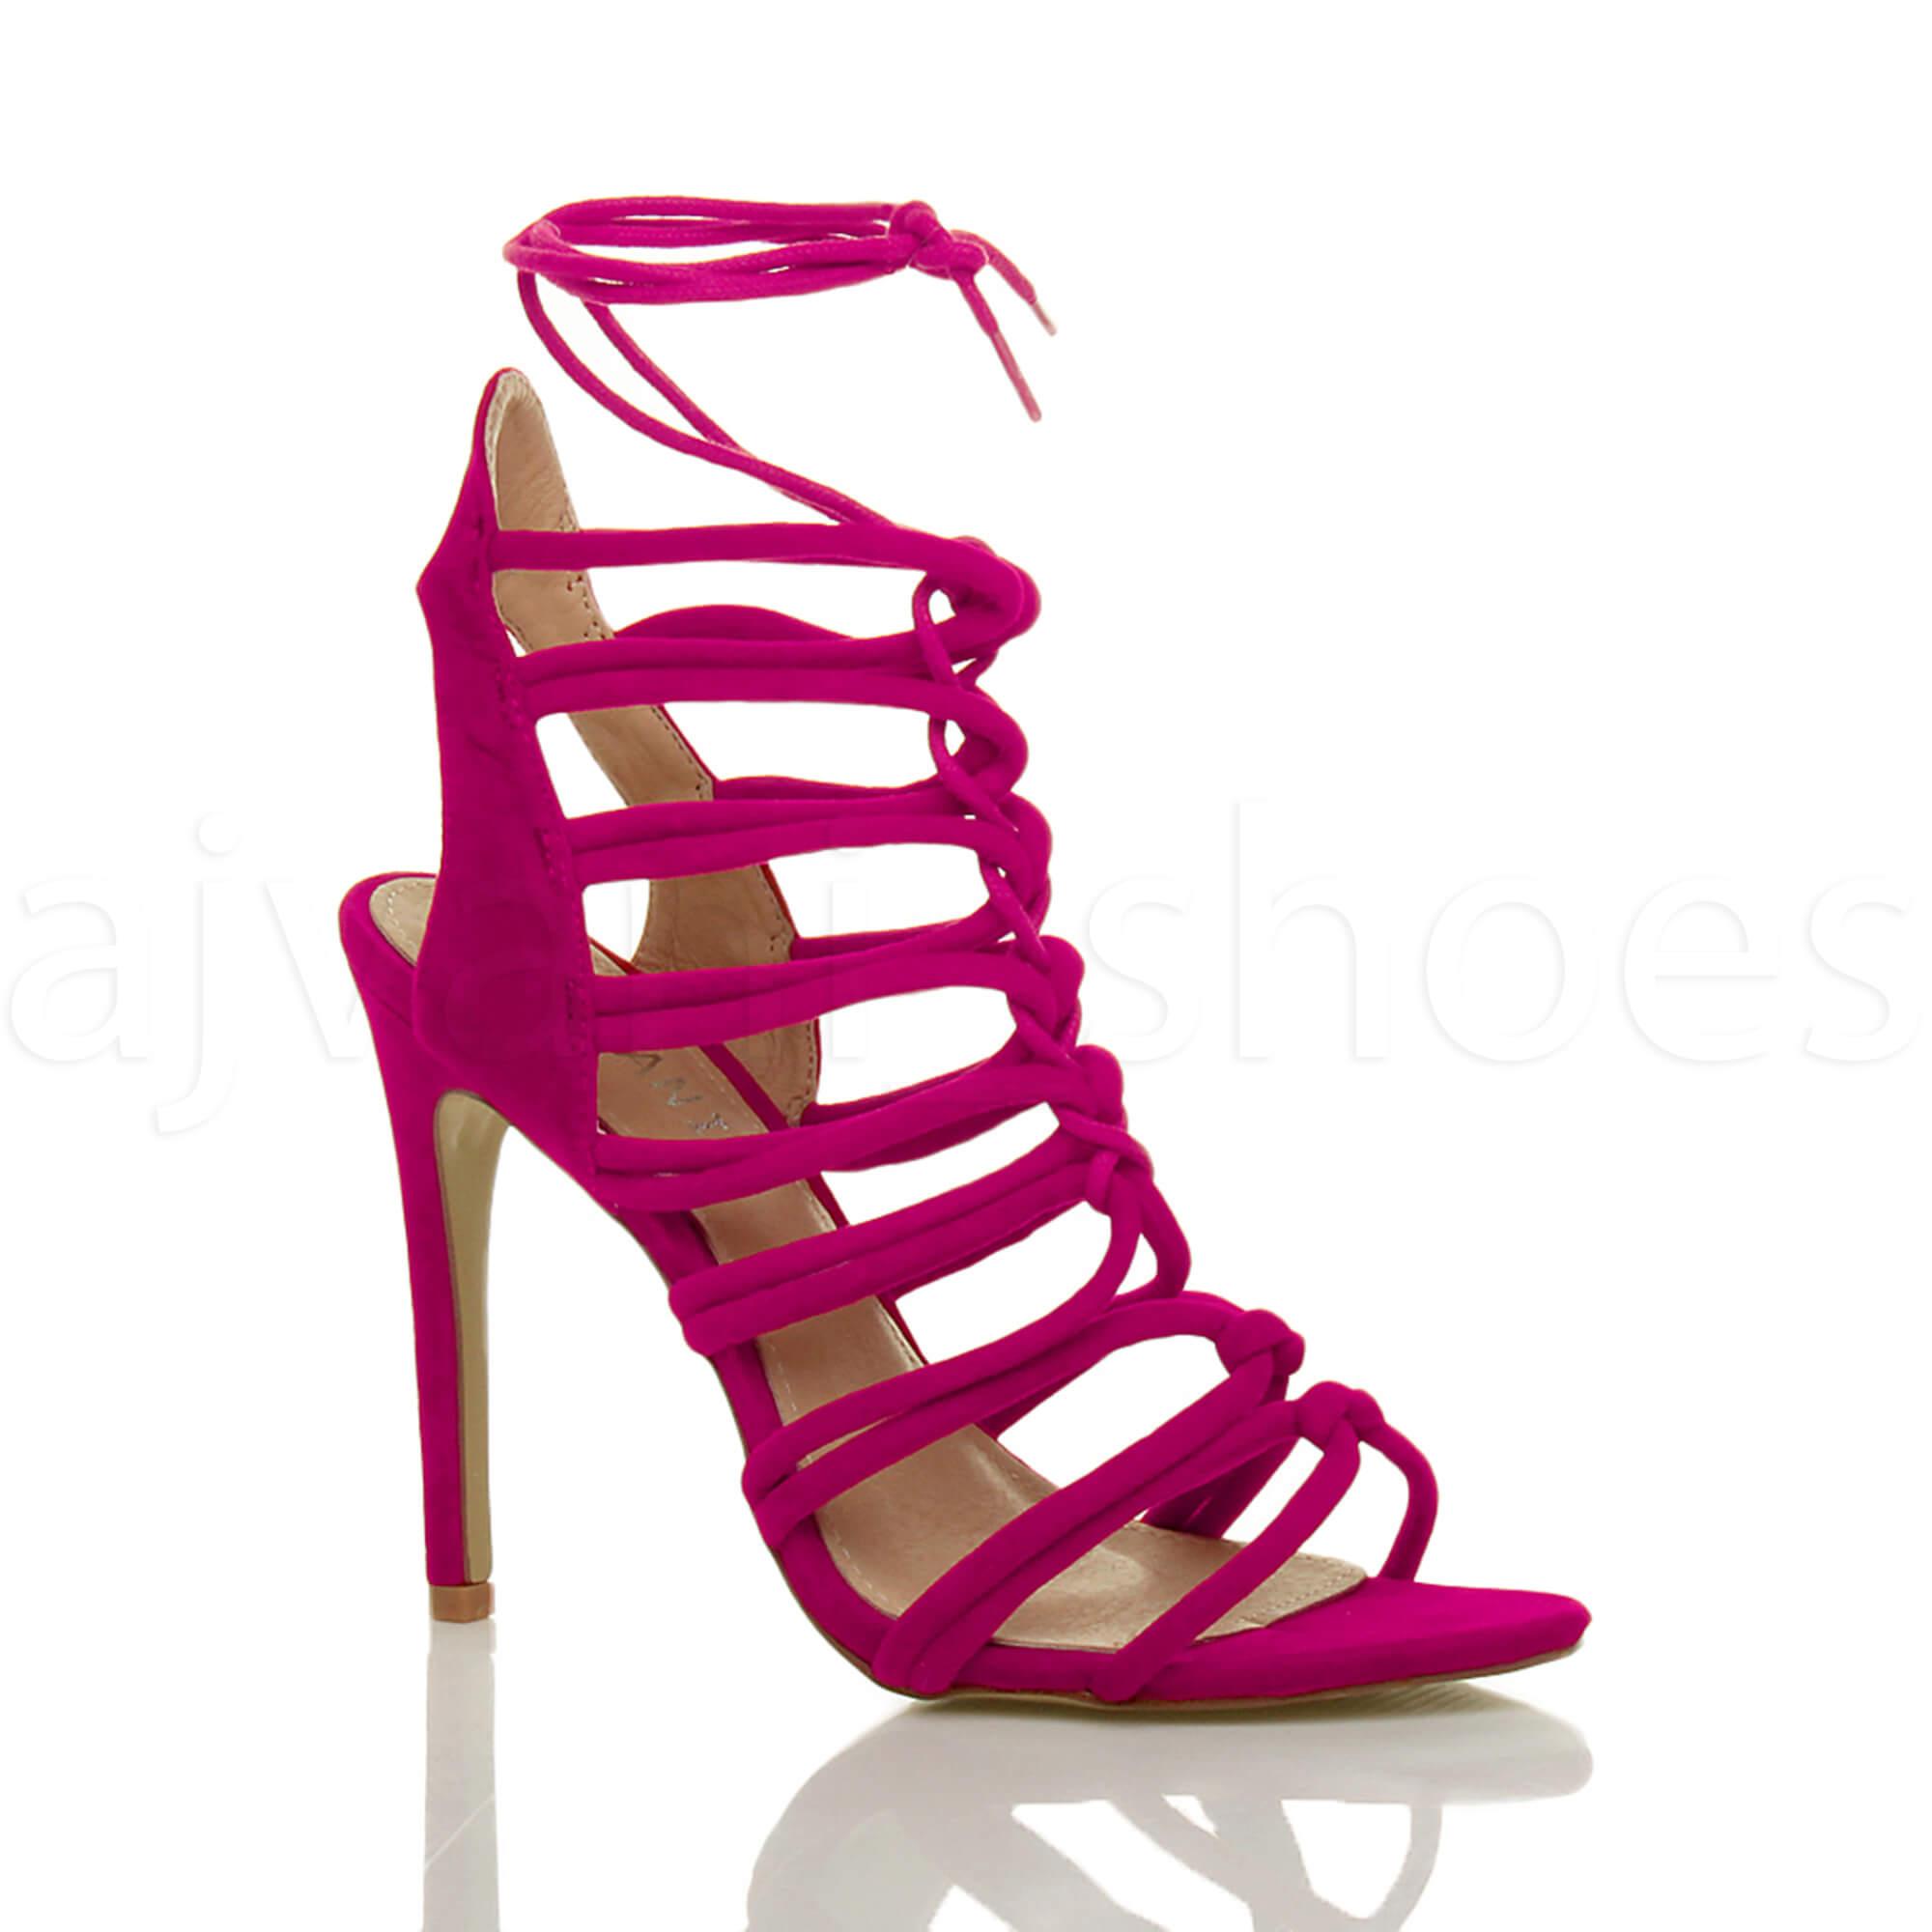 Damen Hoch Absatz Reimchen Ausgeschnitten Schnür-Pumps Sandalen Schuhe Größe 3 36 OX6GKwILM